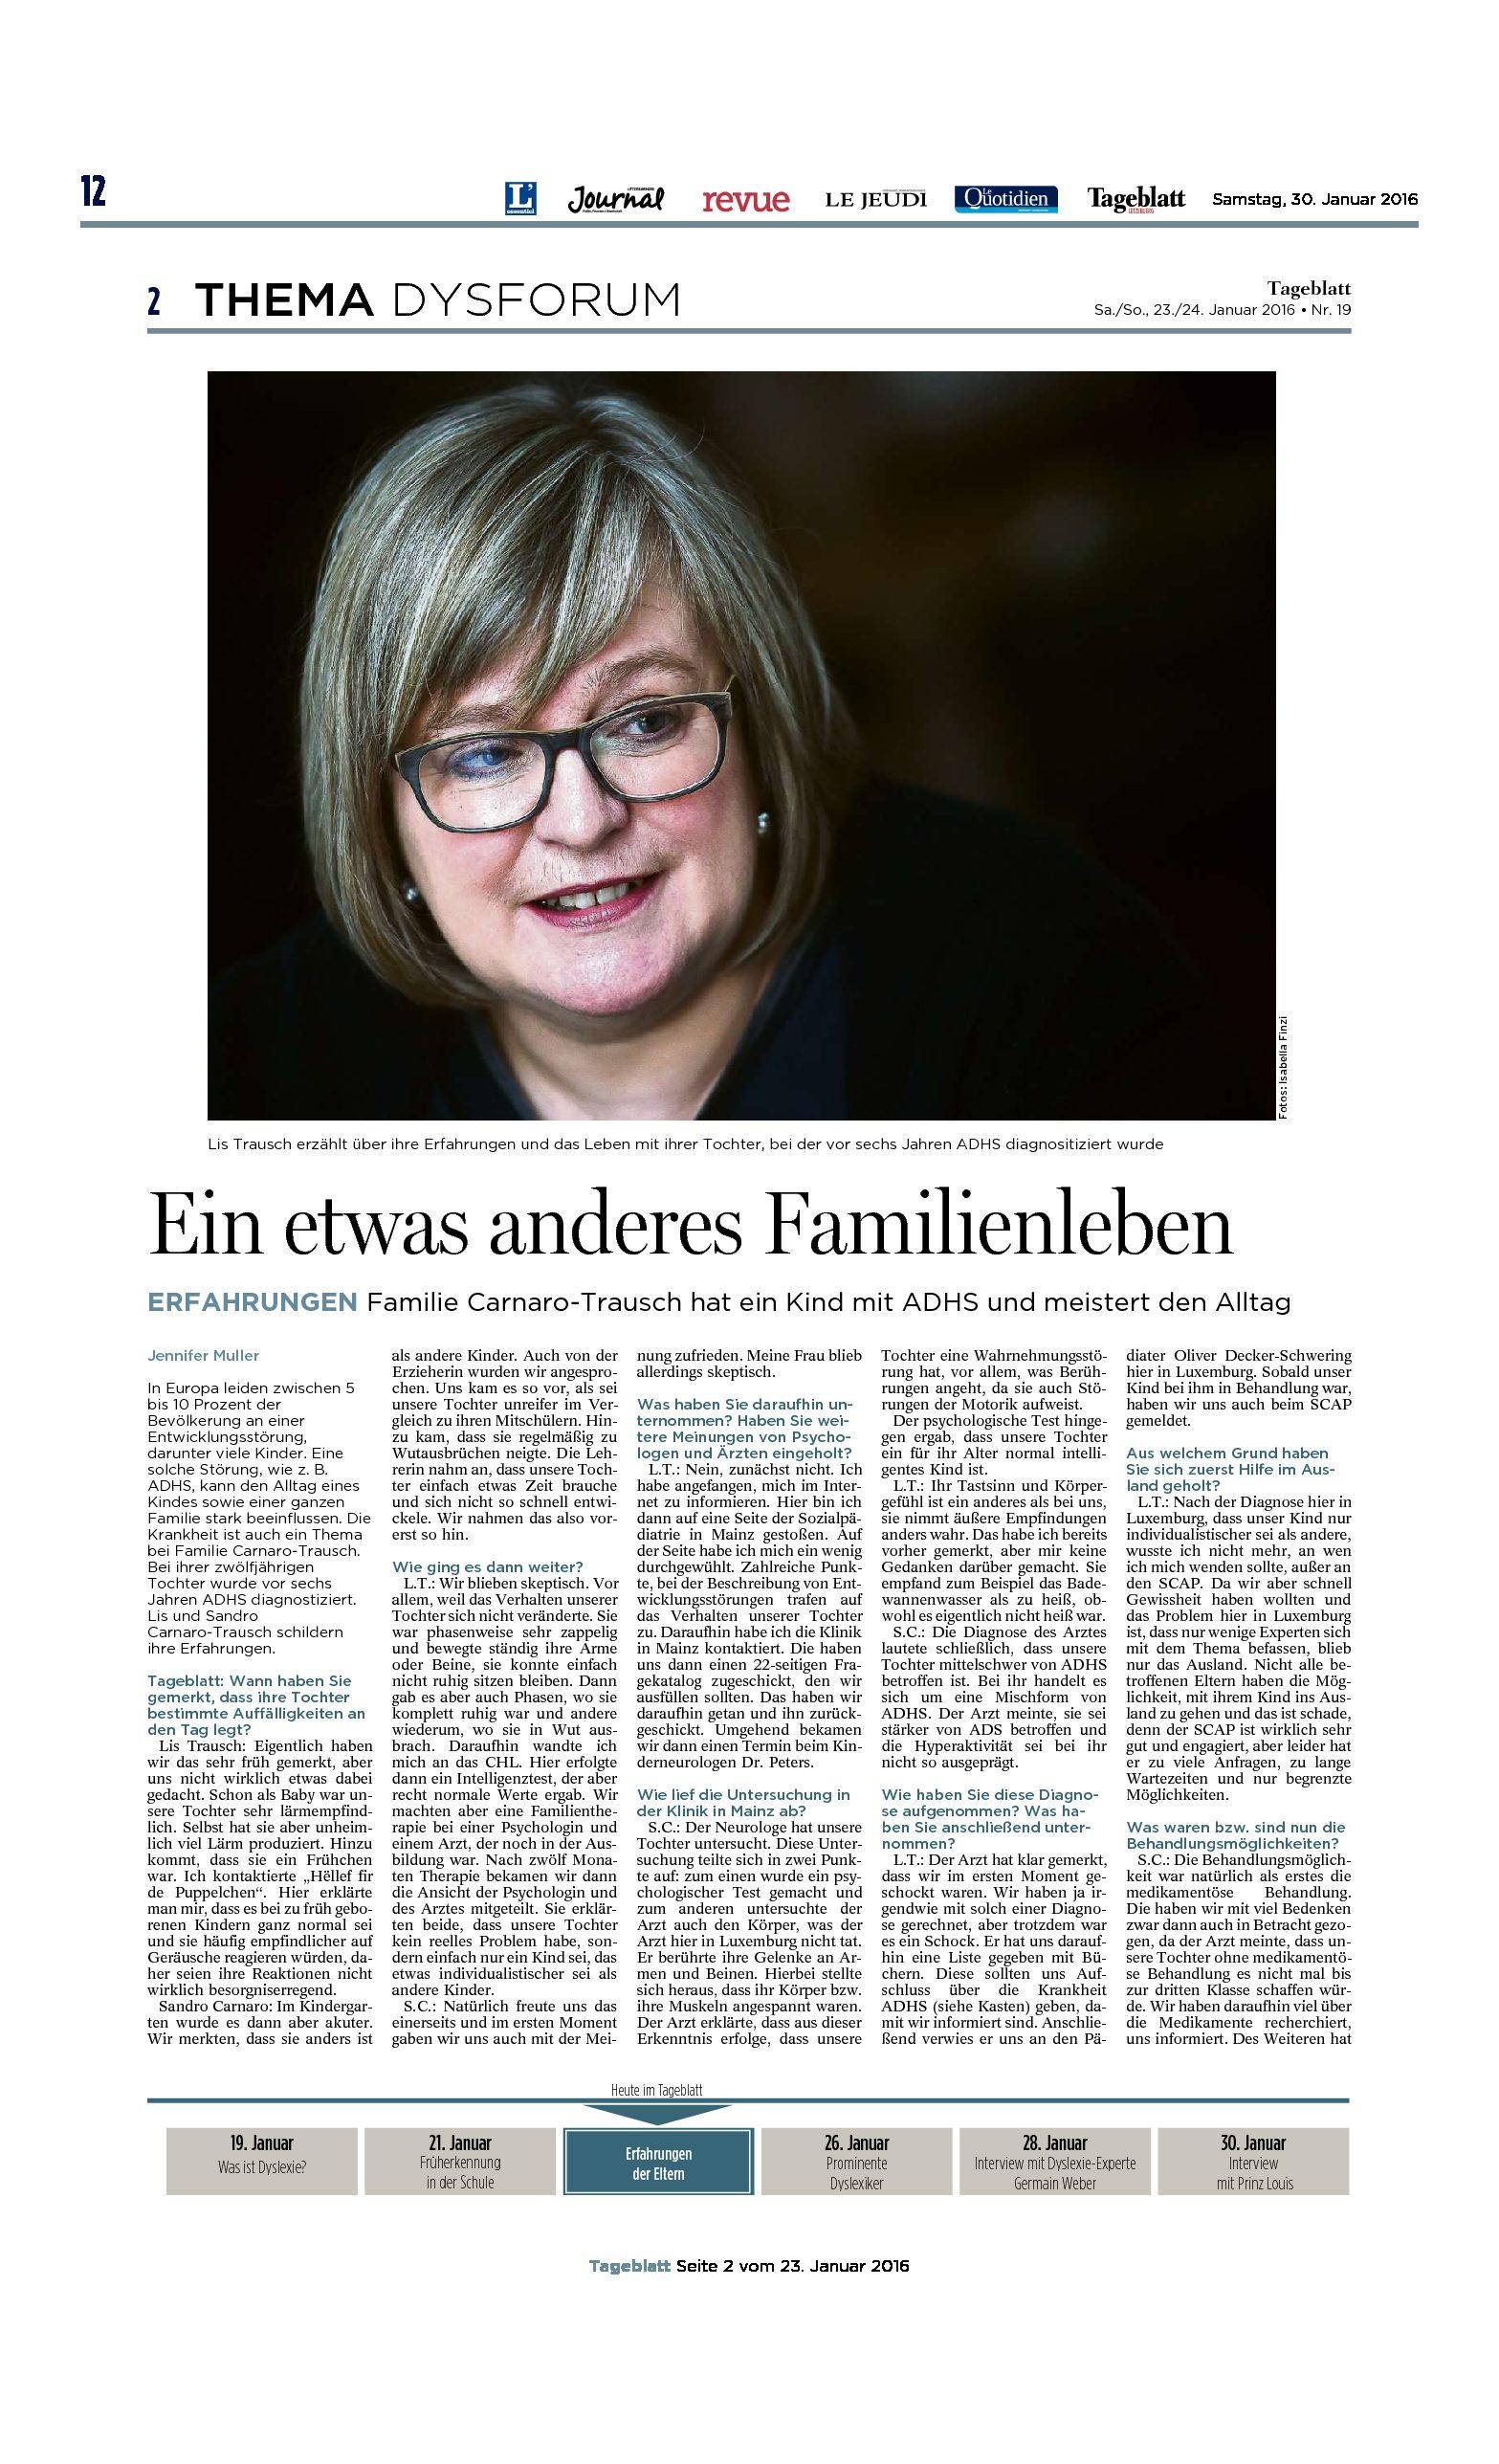 Tageblatt_Ein-etwas-anderes-Familienleben_23-24-01-2016-1-pdf